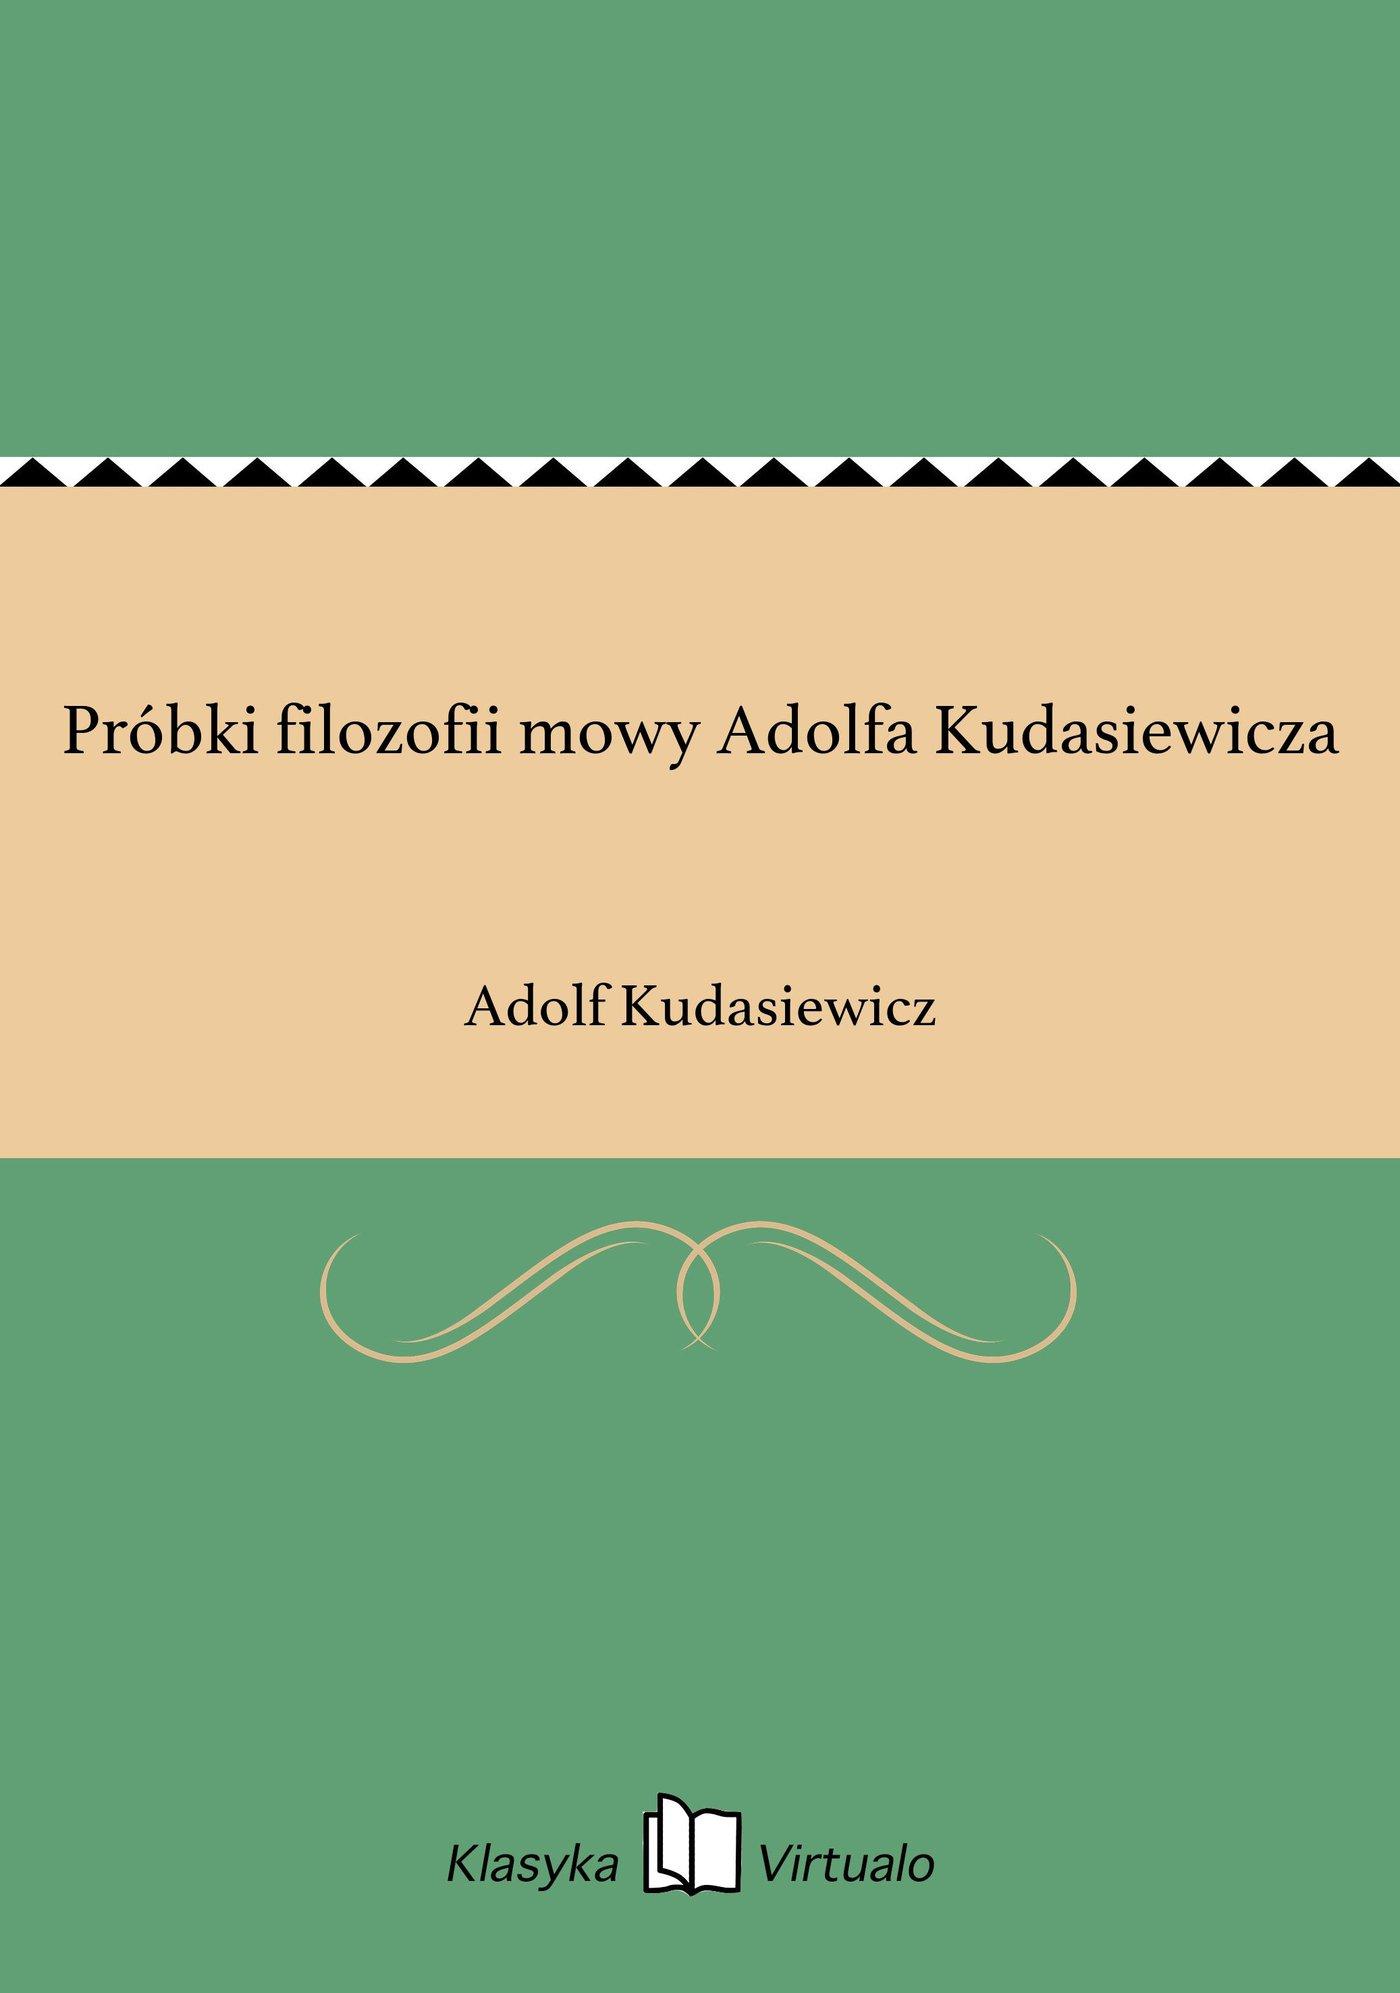 Próbki filozofii mowy Adolfa Kudasiewicza - Ebook (Książka EPUB) do pobrania w formacie EPUB